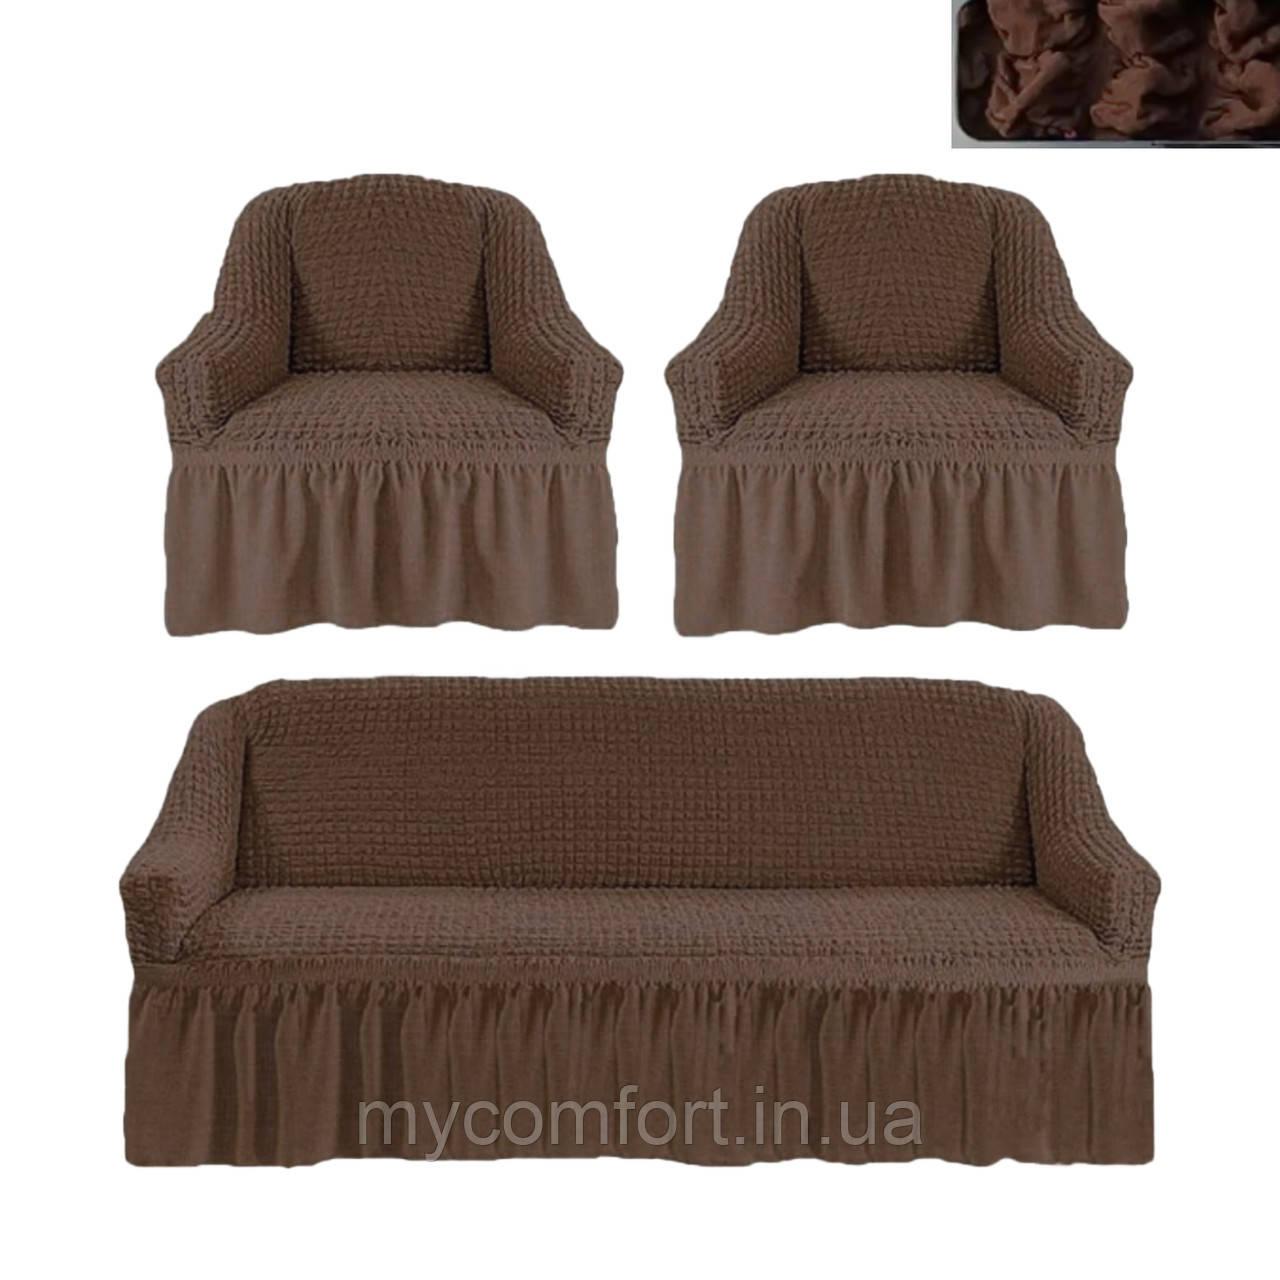 Чехол на диван и два кресла. Коричневый